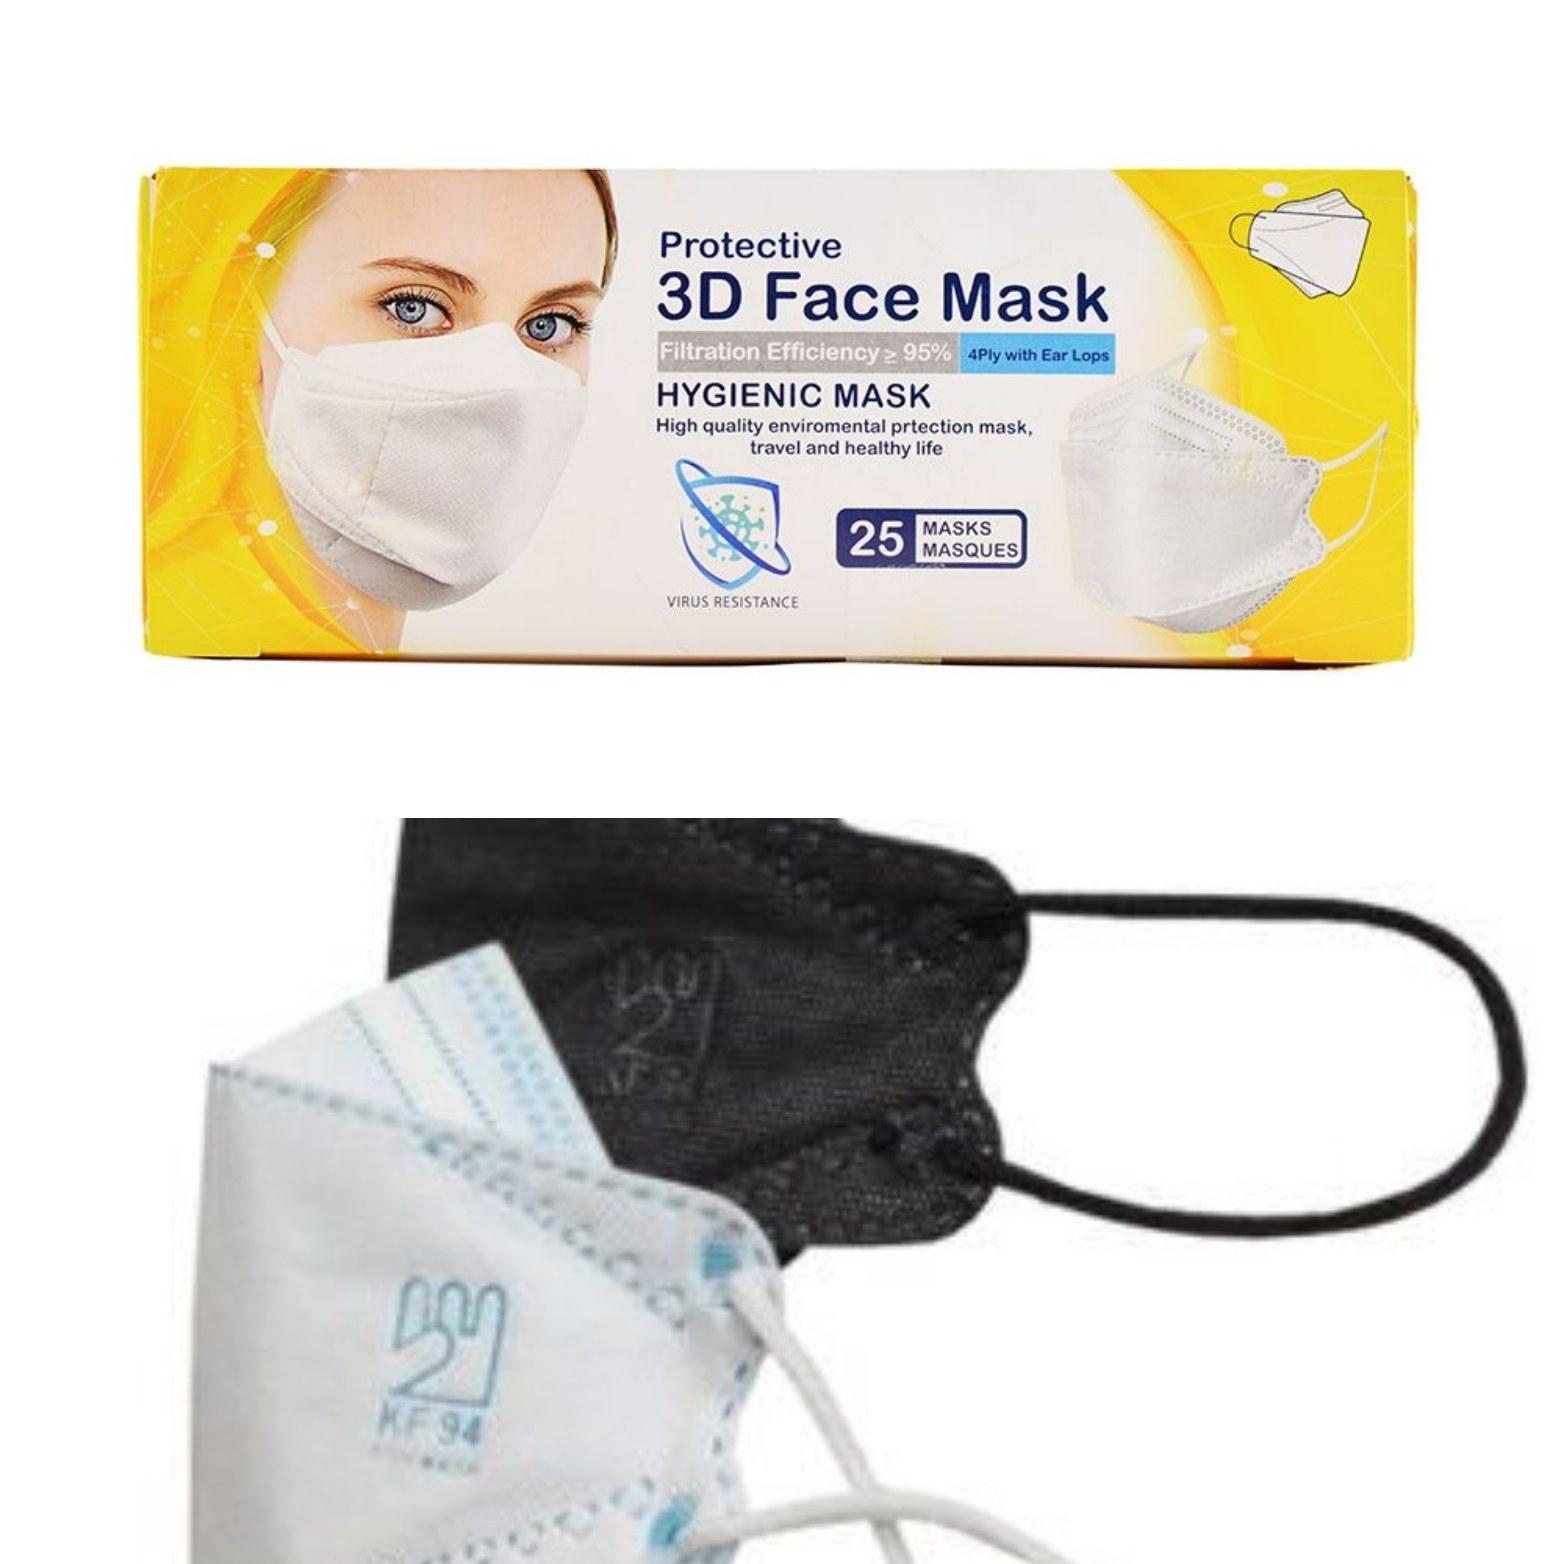 تصویر ماسک سه بعدی 5 لایه kf94 با لوگوی اصالت کالا (3D) - بسته 25 عددی